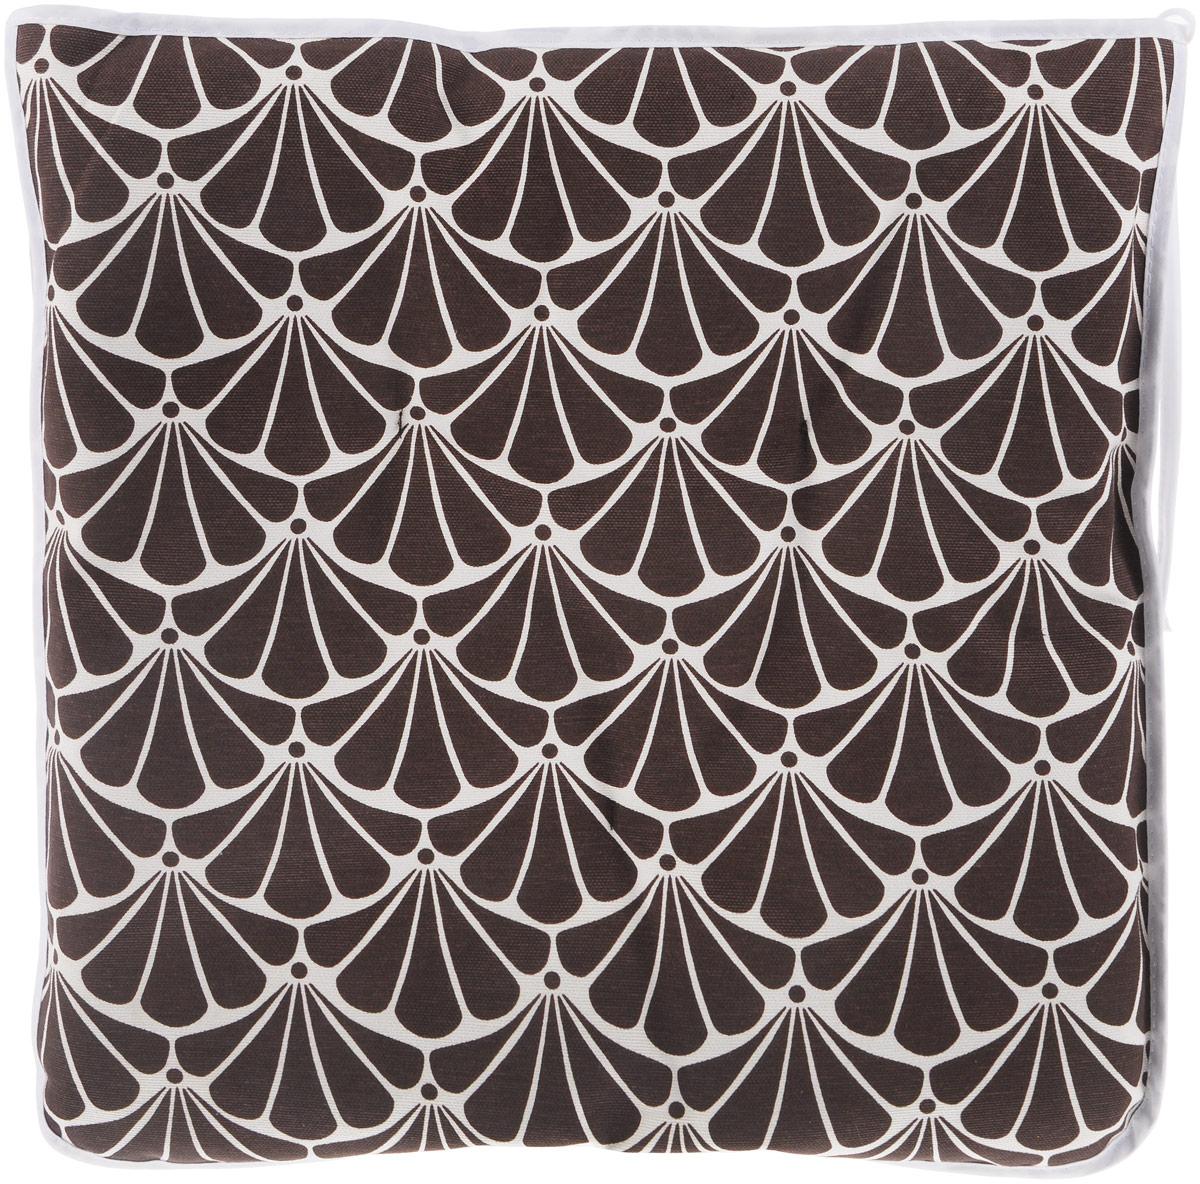 Подушка на стул KauffOrt Томный сад, цвет: коричневый, белый, 40 x 40 см3112494140Подушка на стул KauffOrt Томный сад не только красиво дополнит интерьер кухни, но и обеспечит комфорт при сидении. Изделие выполнено из материалов высокого качества. Подушка легко крепится на стул с помощью завязок. Правильно сидеть - значит сохранить здоровье на долгие годы. Жесткие сидения подвергают наше здоровье опасности. Подушка с мягким наполнителем поможет предотвратить большинство нежелательных последствий сидячего образа жизни. Толщина подушки: 5 см.